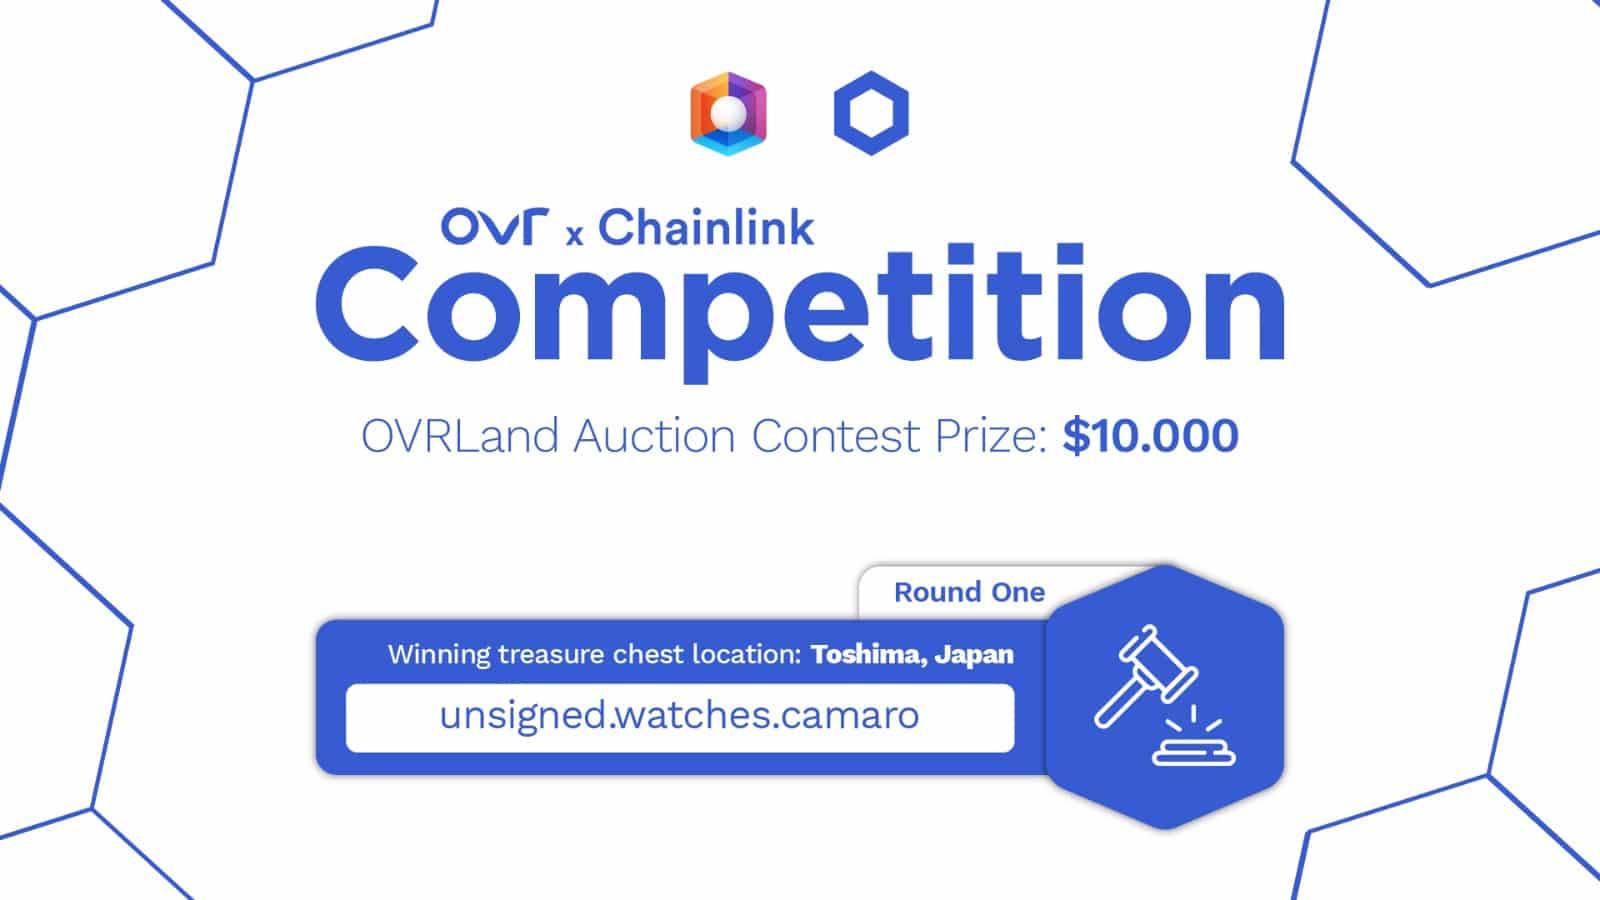 OVR collabora con Chainlink: gare con premi per un totale di 65mila dollari